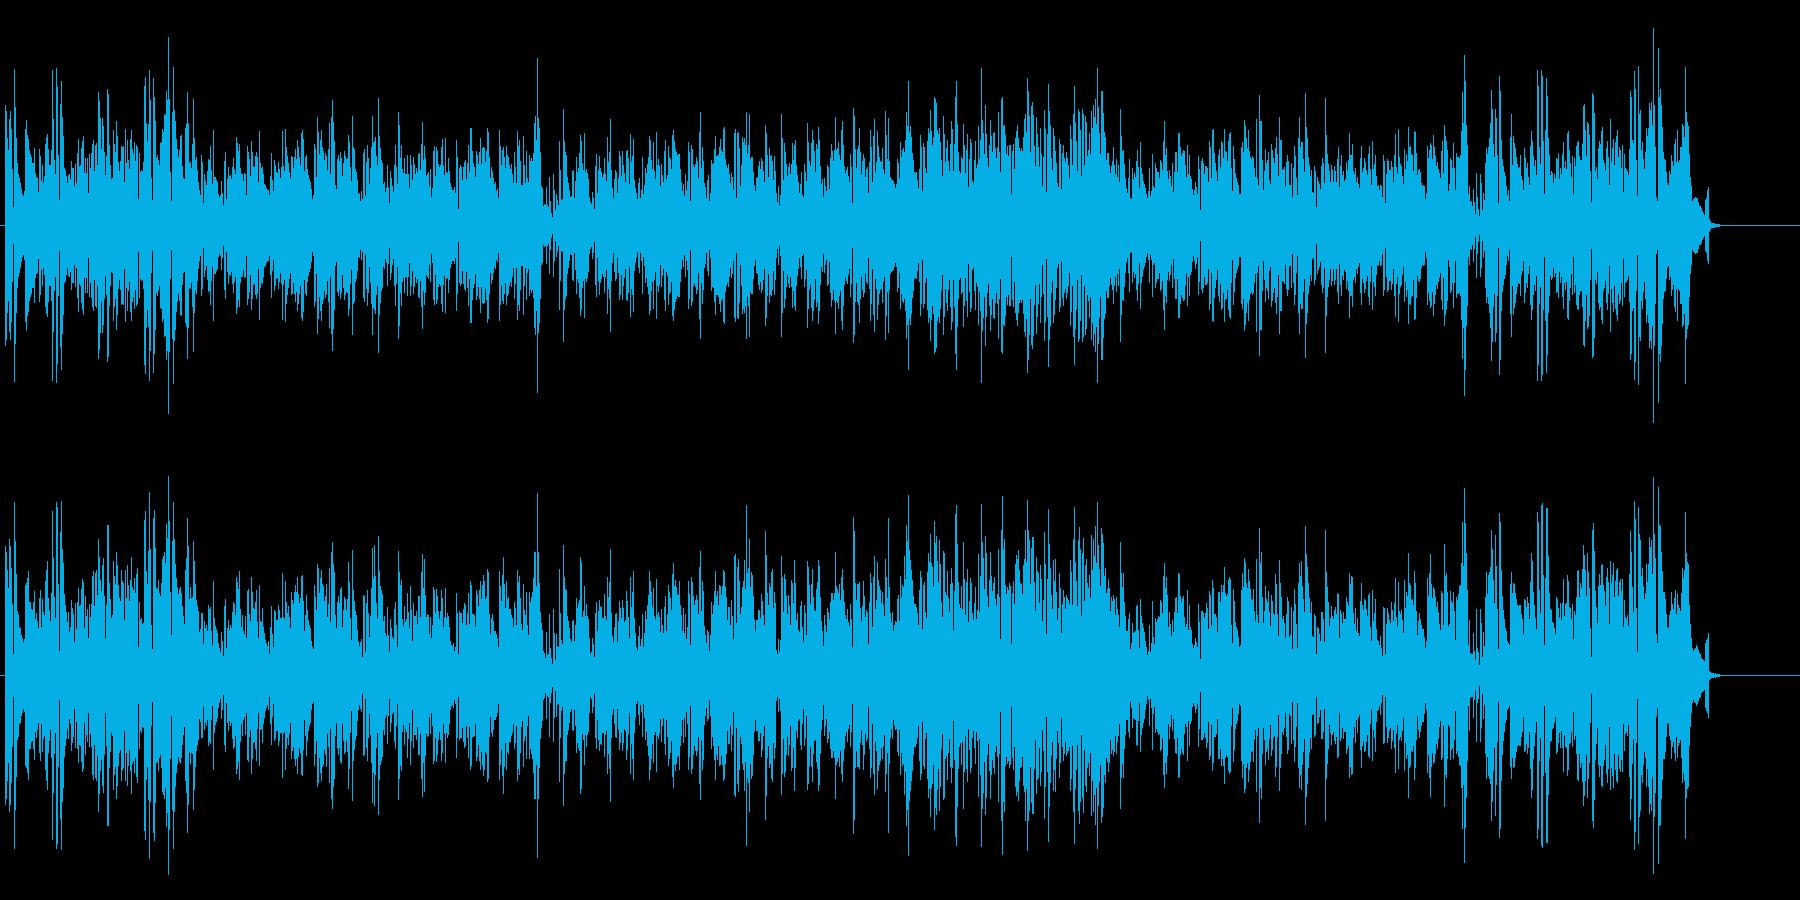 ピュアでアーシーなトリオ・ジャズ風の再生済みの波形